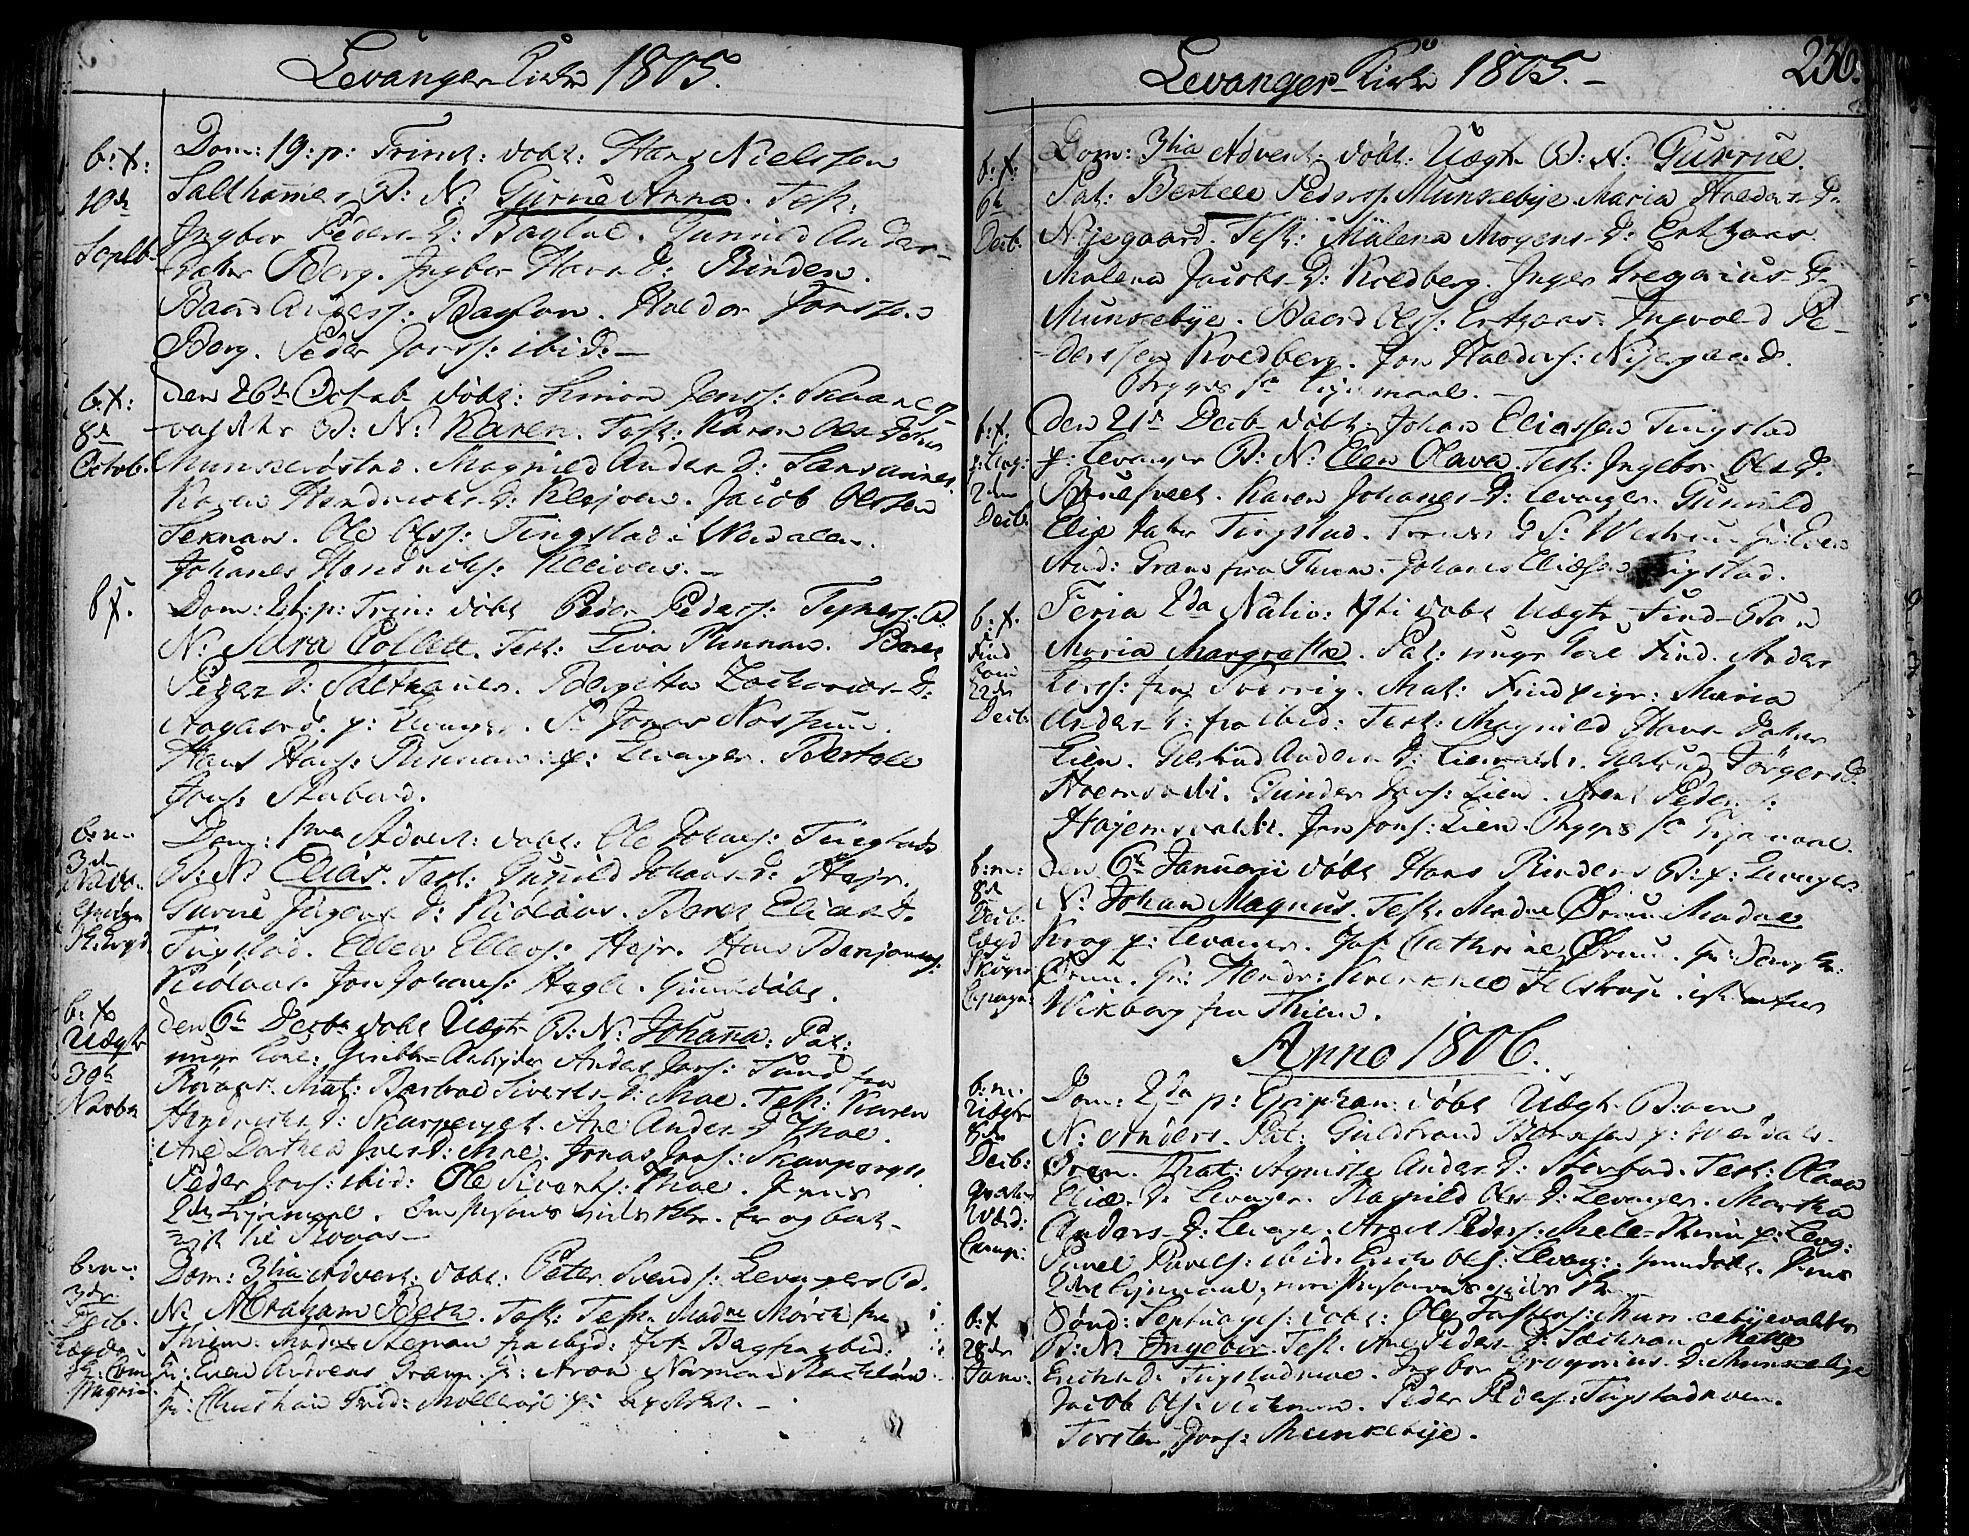 SAT, Ministerialprotokoller, klokkerbøker og fødselsregistre - Nord-Trøndelag, 717/L0144: Ministerialbok nr. 717A02 /3, 1805-1809, s. 236